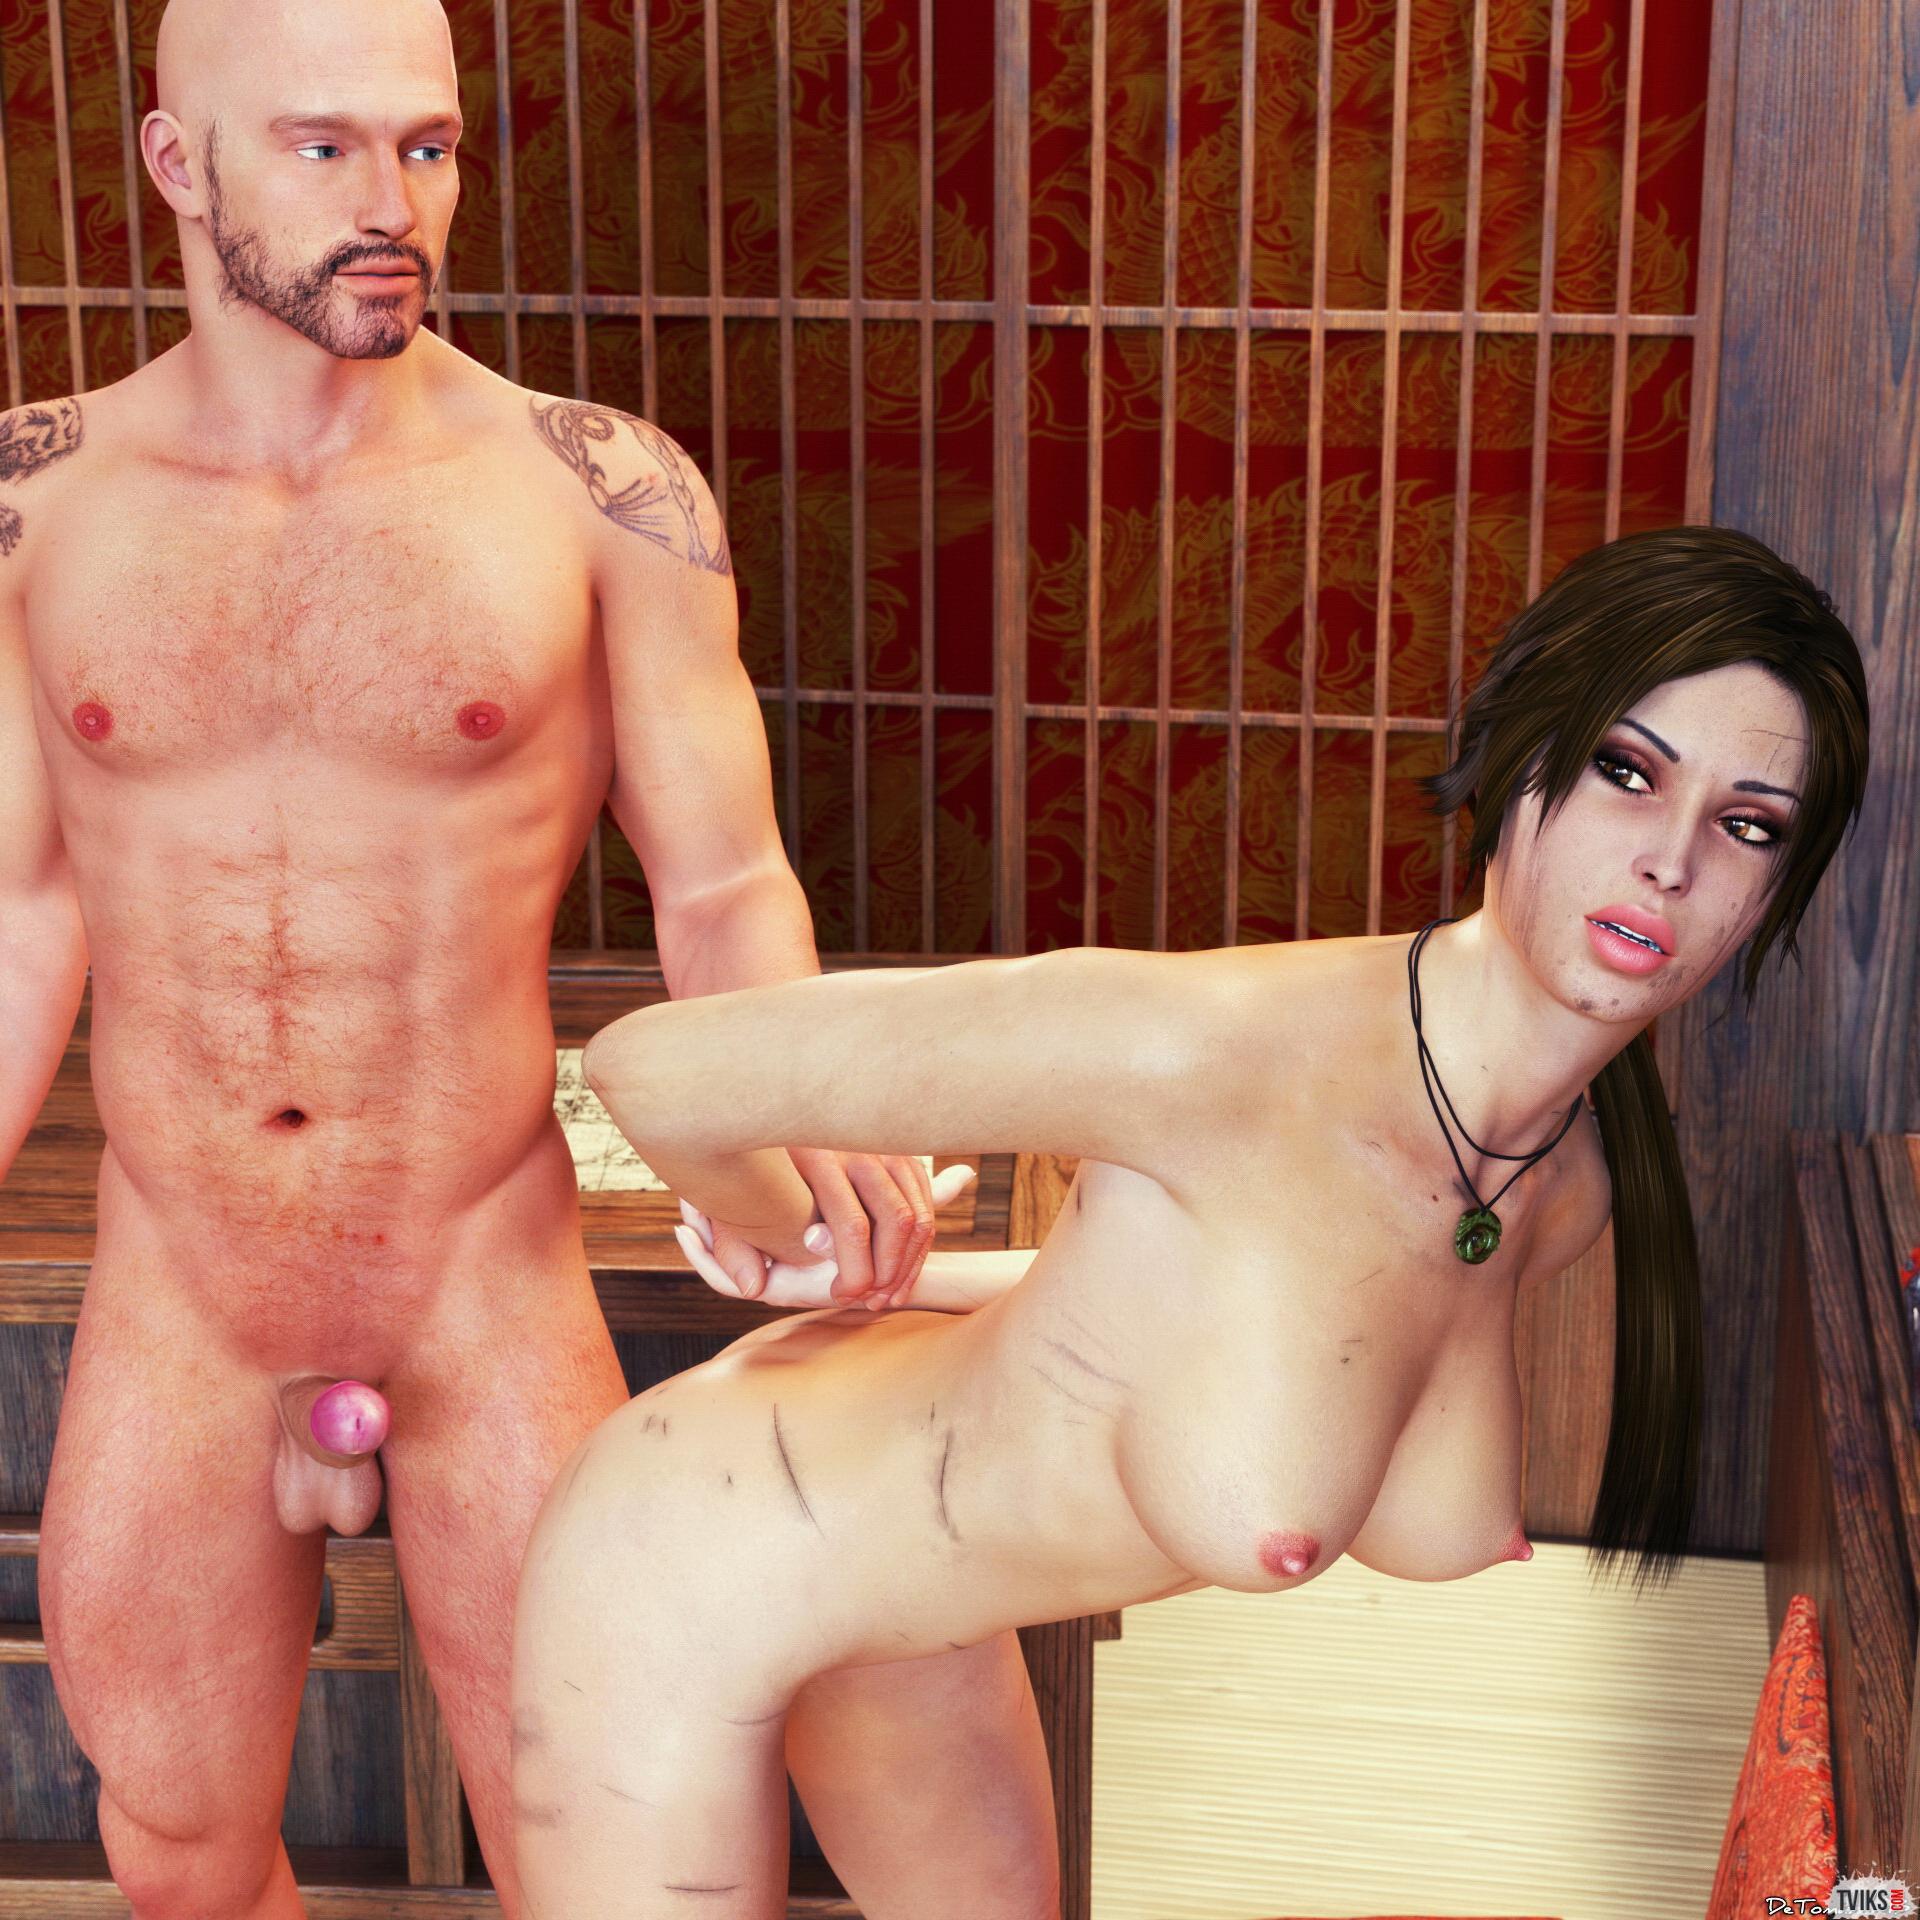 принимаю. мудрость помеха Порно шикарная большая грудь подписался RSS ленту